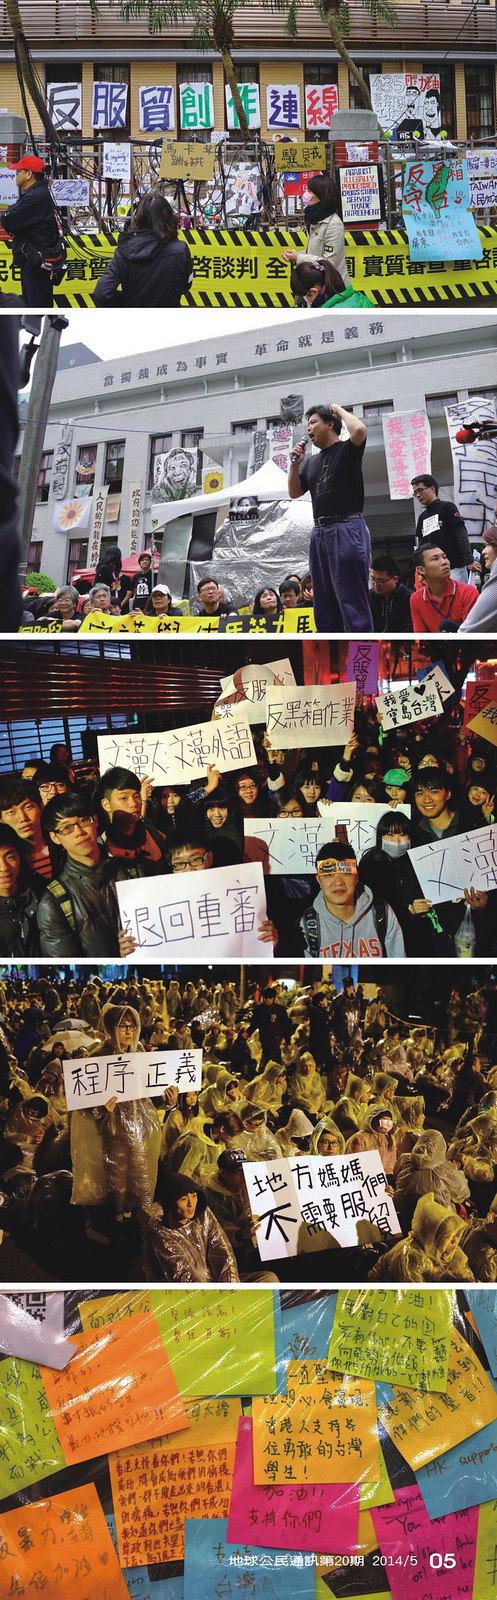 反服貿現場(圖片來源:地球公民基金會)